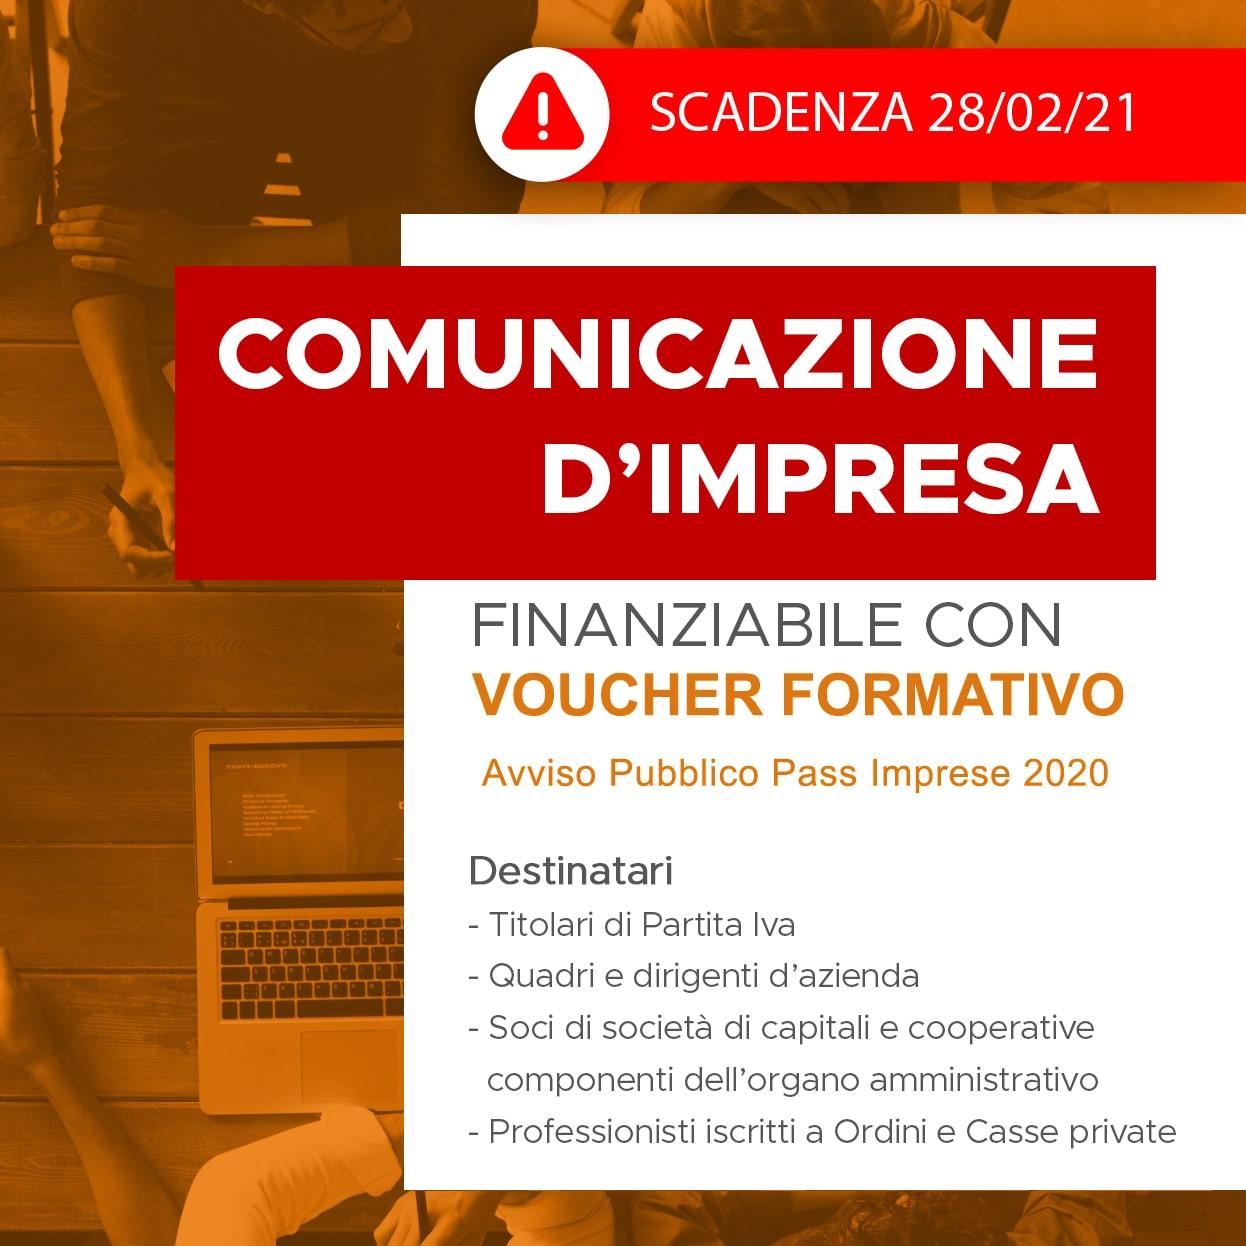 CORSO SULLA COMUNICAZIONE D'IMPRESA